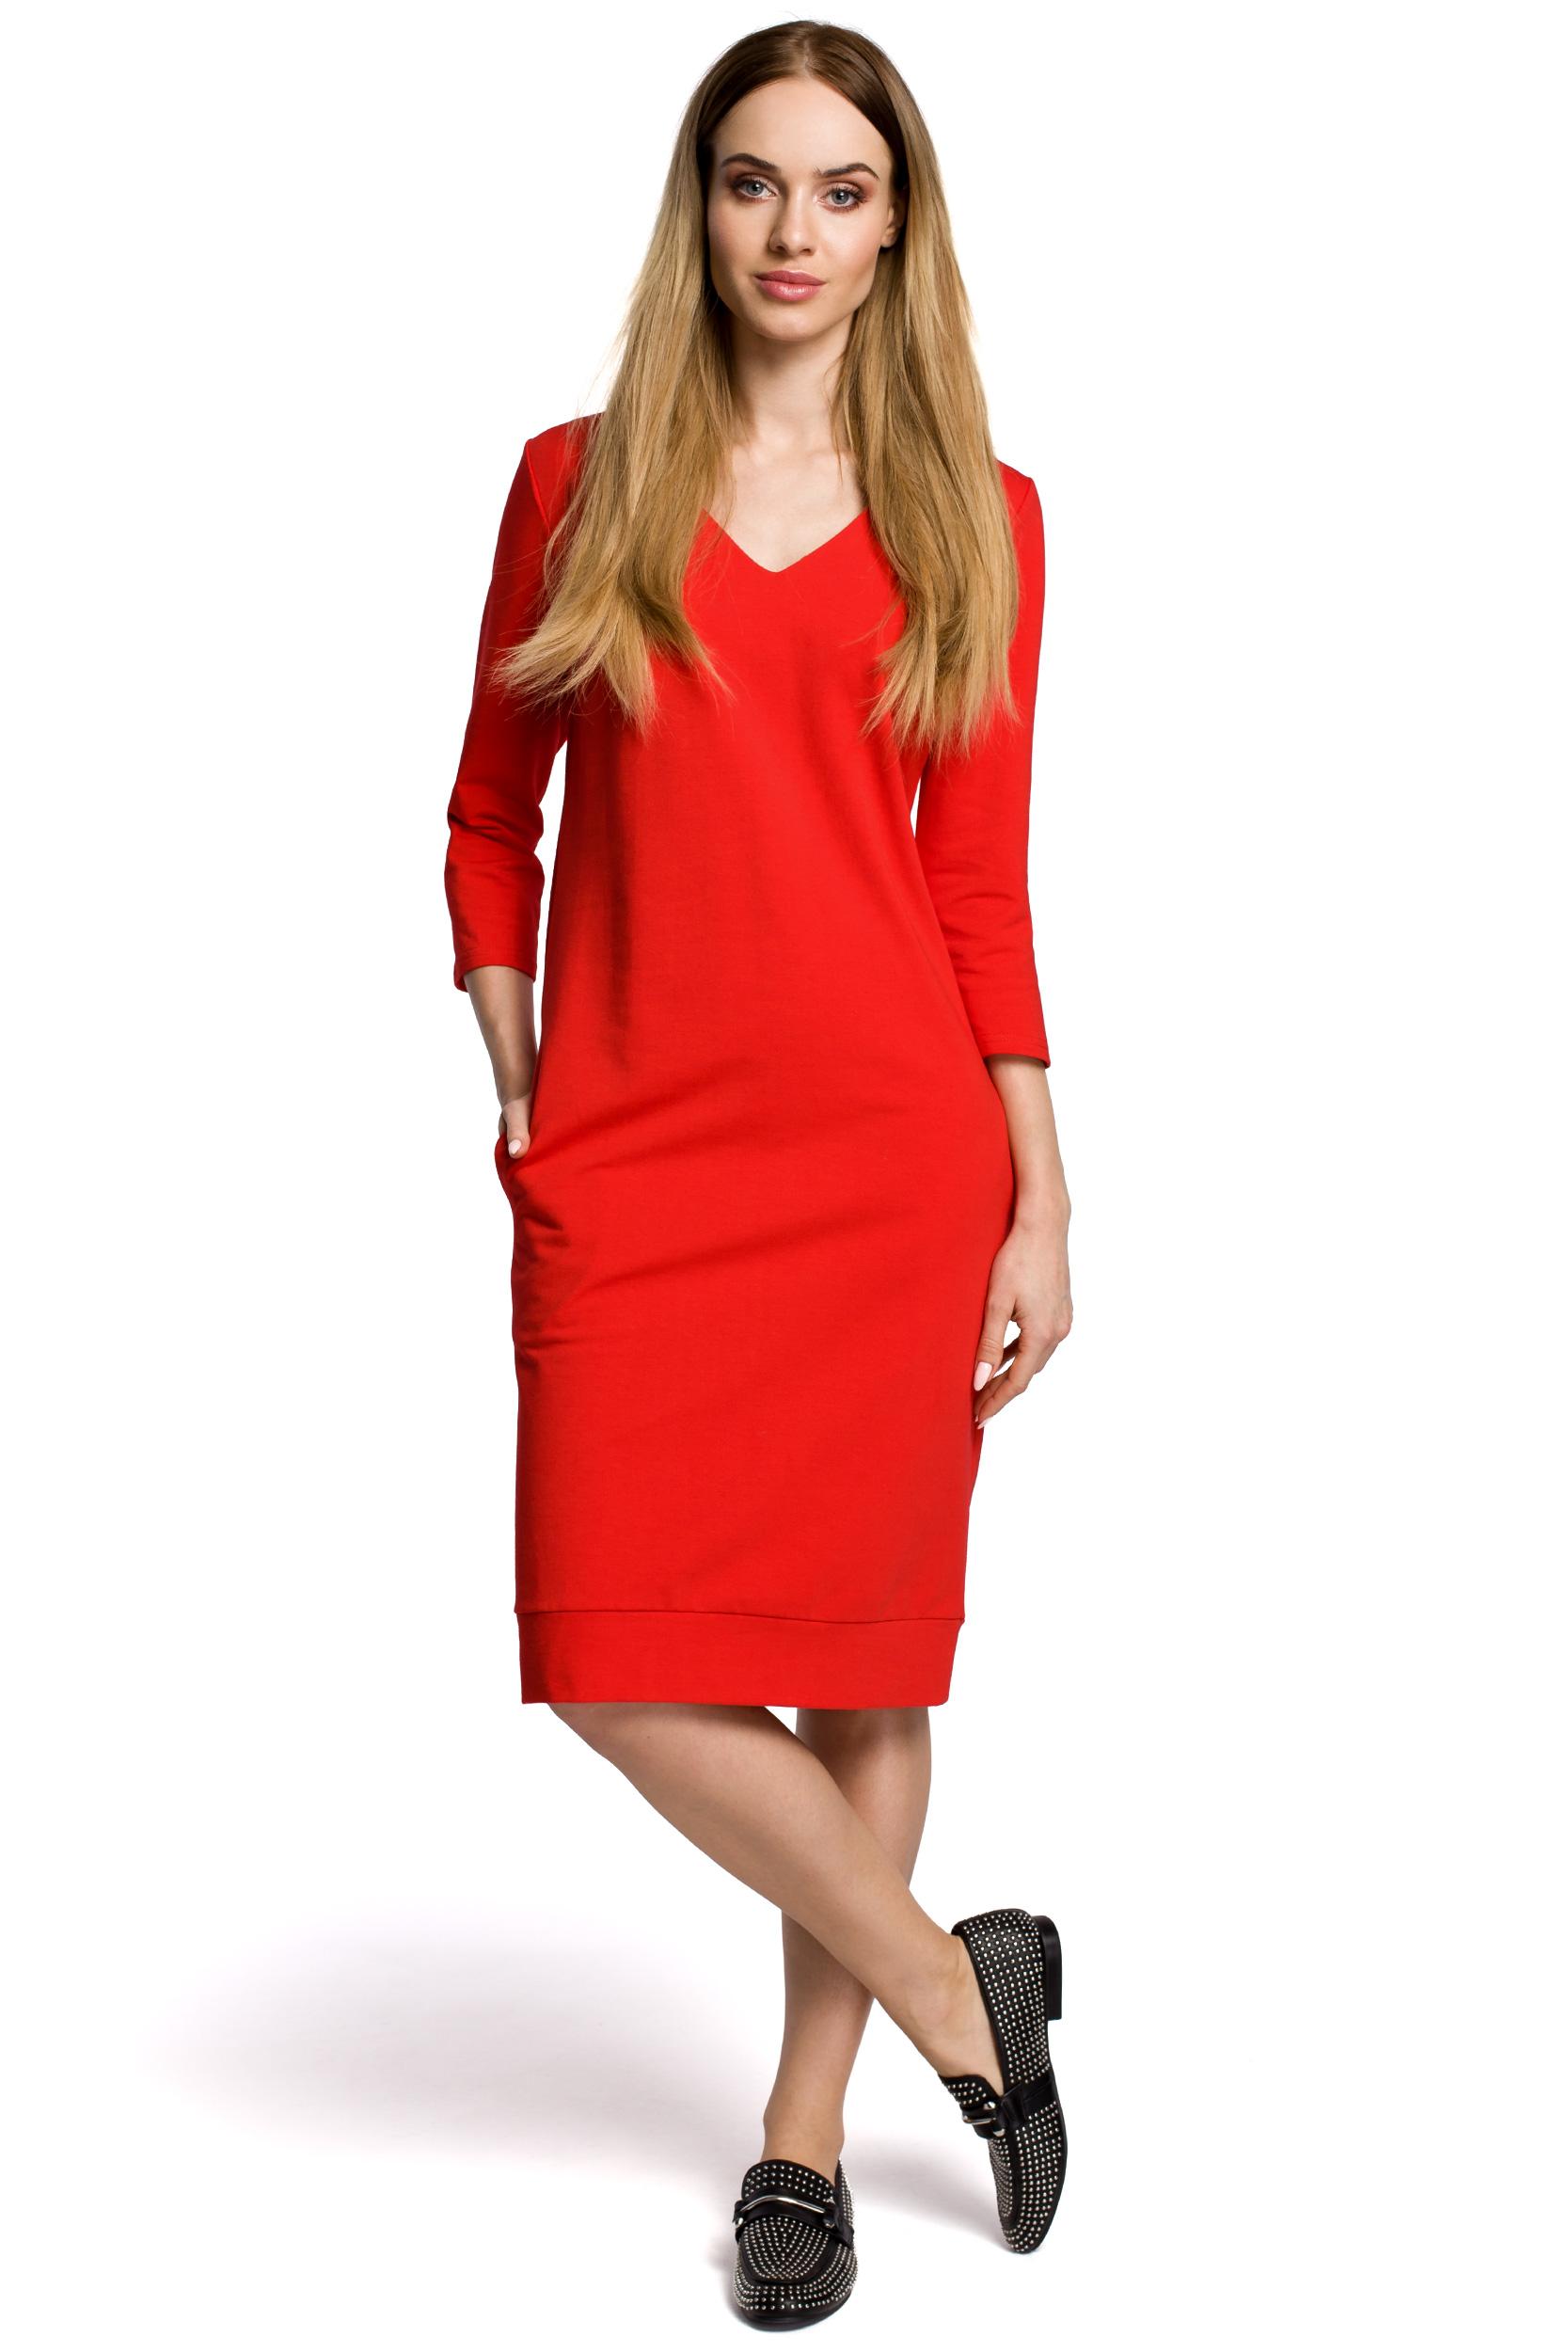 7fbc587705d927 Sukienka pudełkowa z dekoltem w serek - czerwona - 7245543481 ...